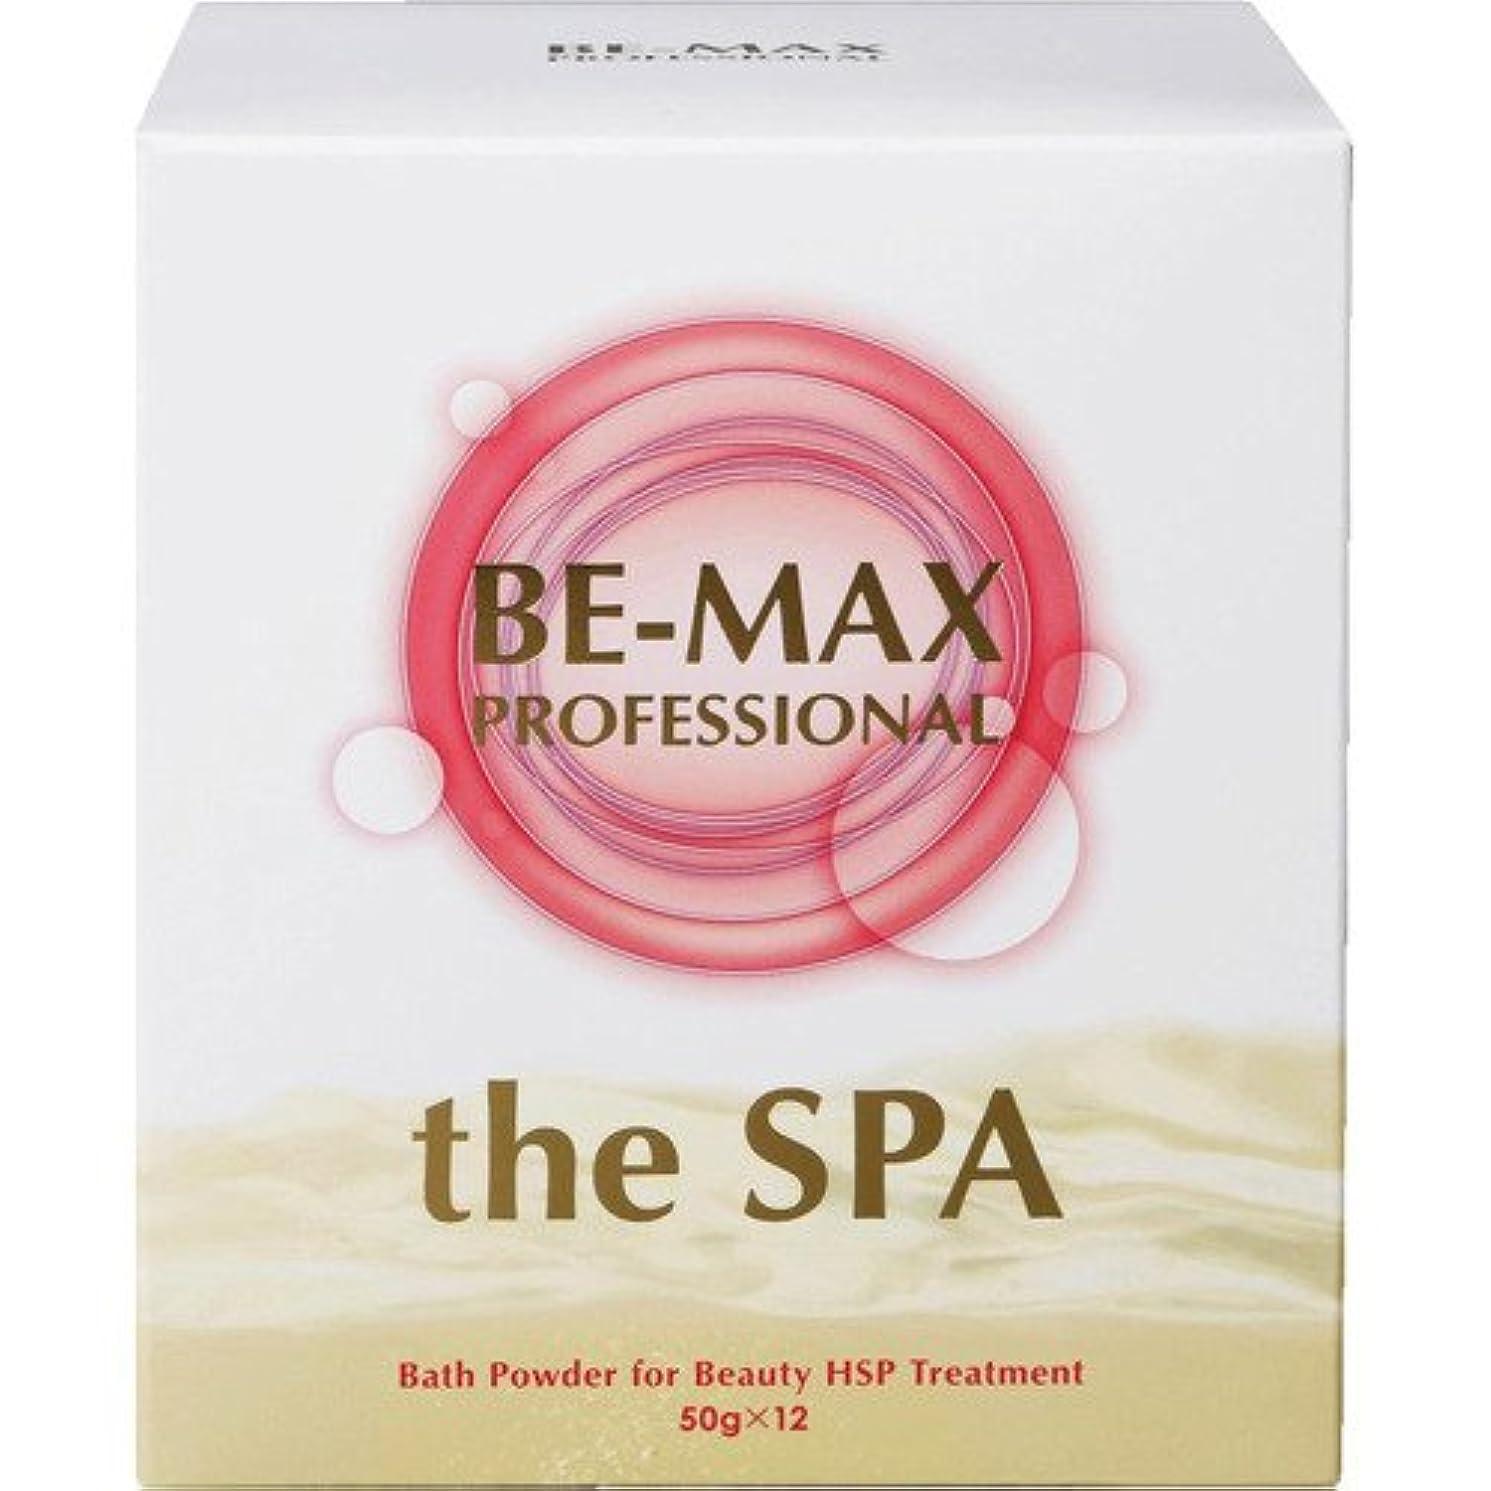 典型的な適応的暴動BE-MAX the SPA 入浴剤 柑橘系ハーブ精油がふわりと香る微炭酸湯